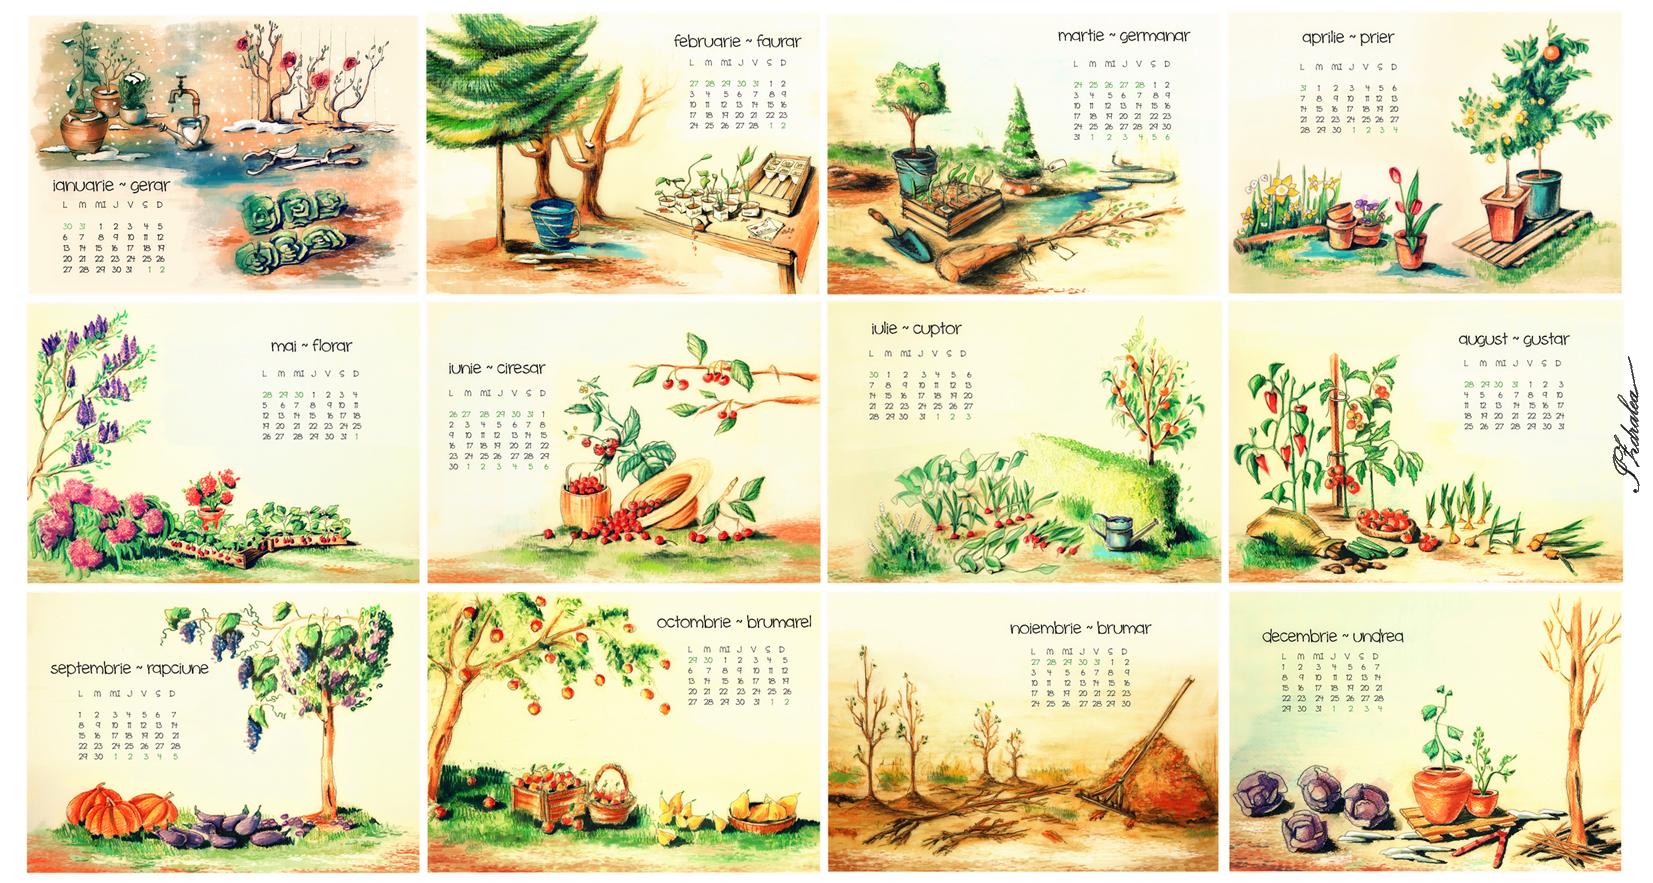 Gardening calendar 2014 ioana d 39 artioana d 39 art for Garden design fest 2014